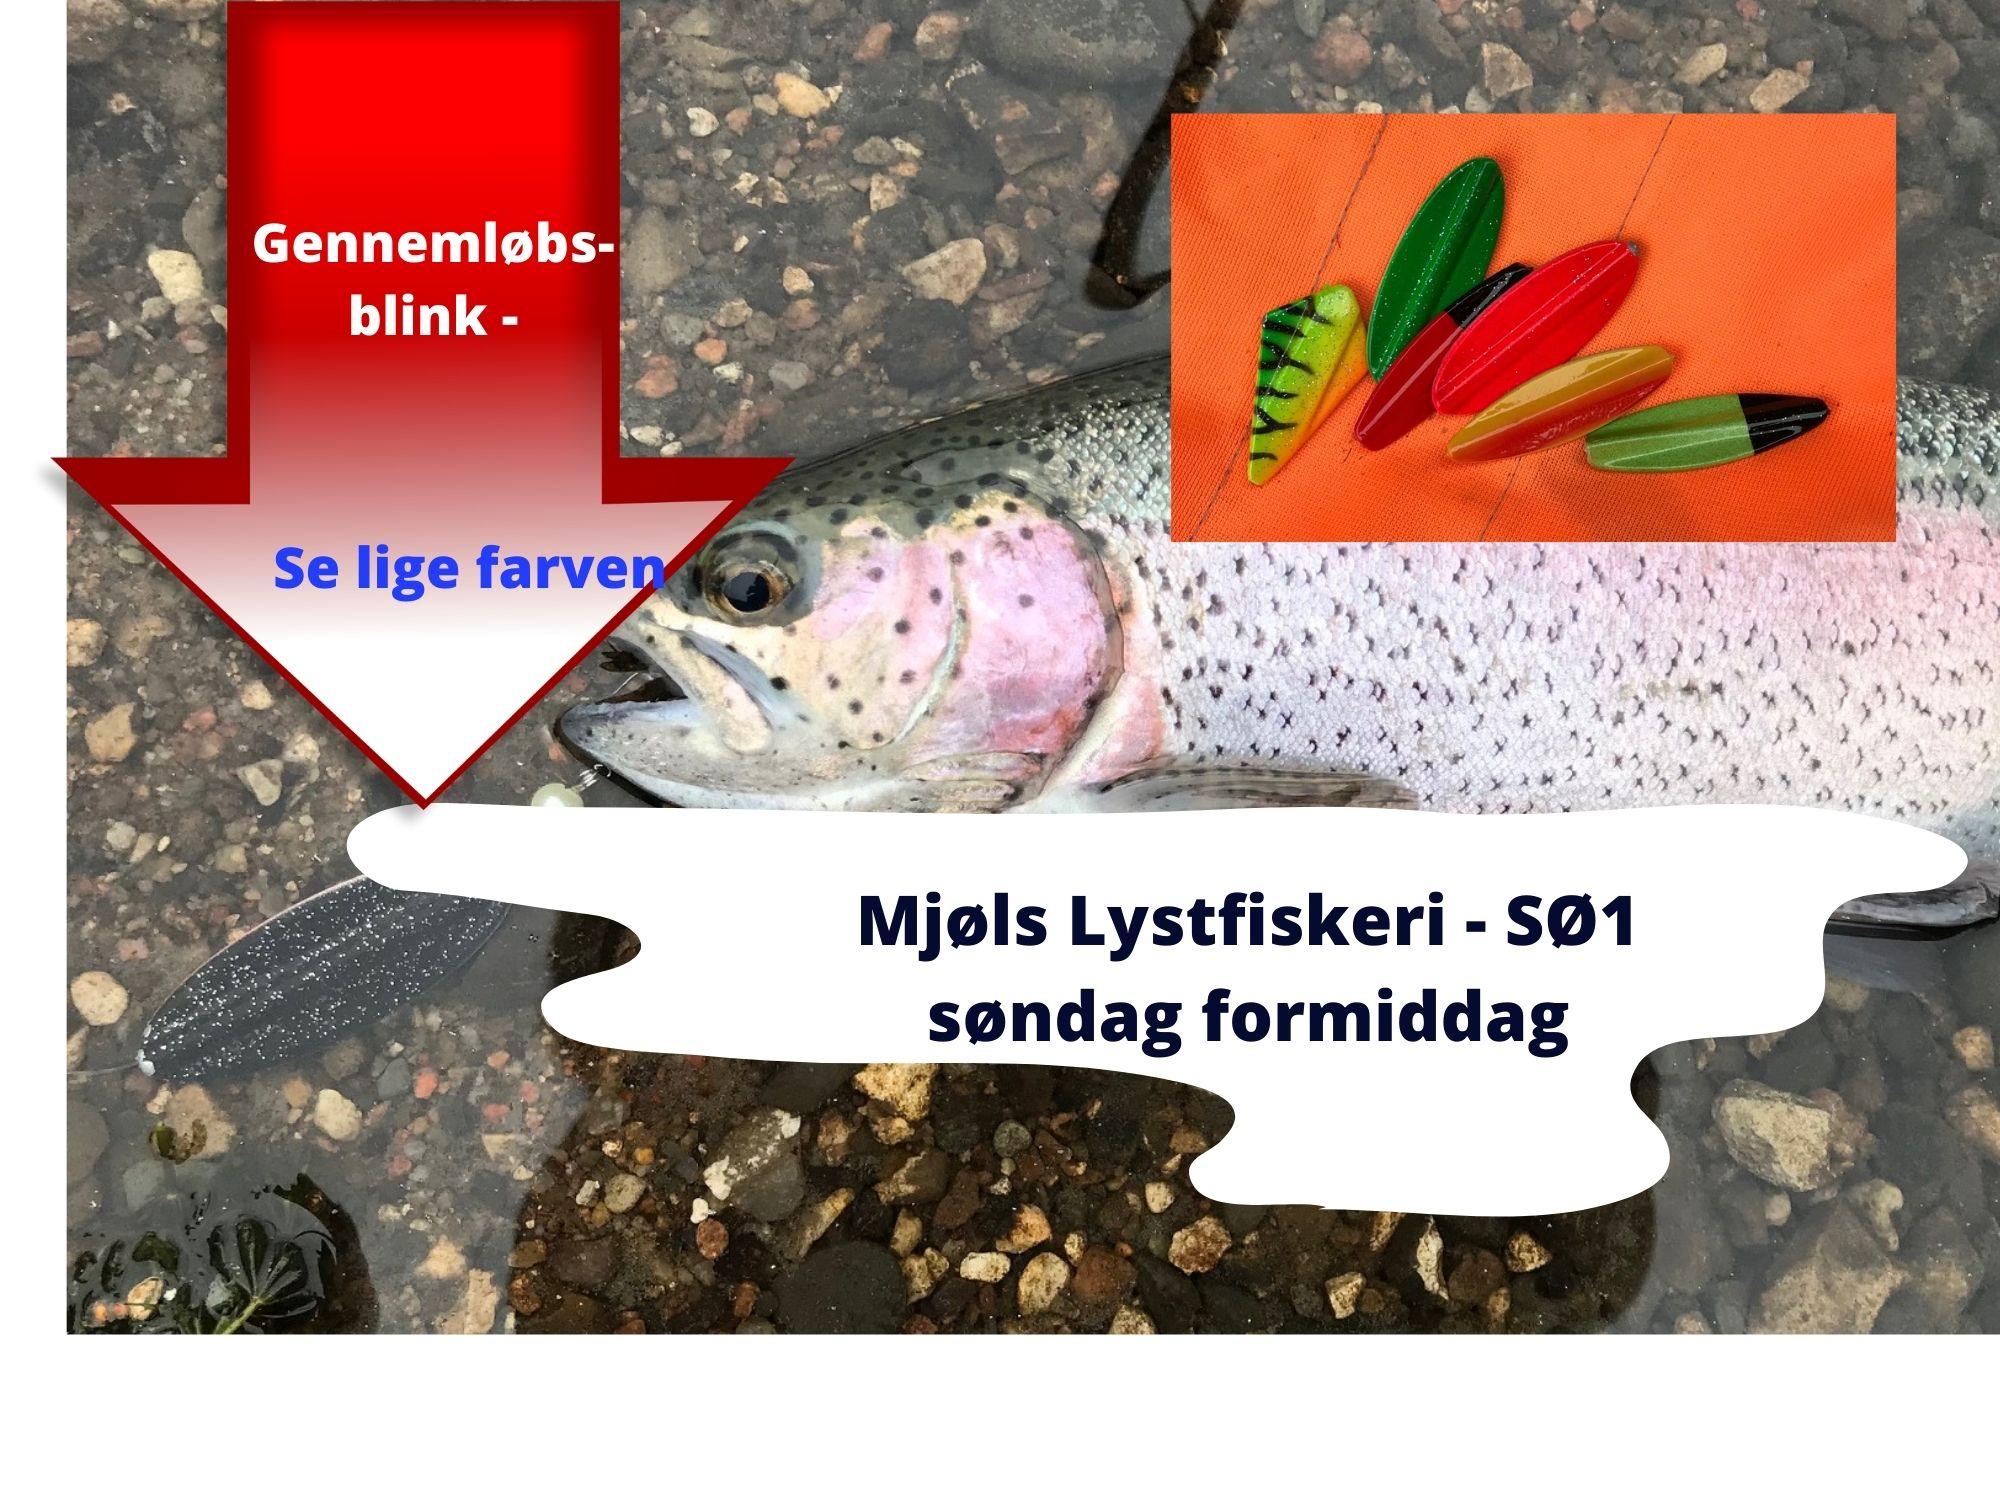 SE VIDEO – Mjøls Lystfiskeri – Søndag formiddag hugger de på gennemløber